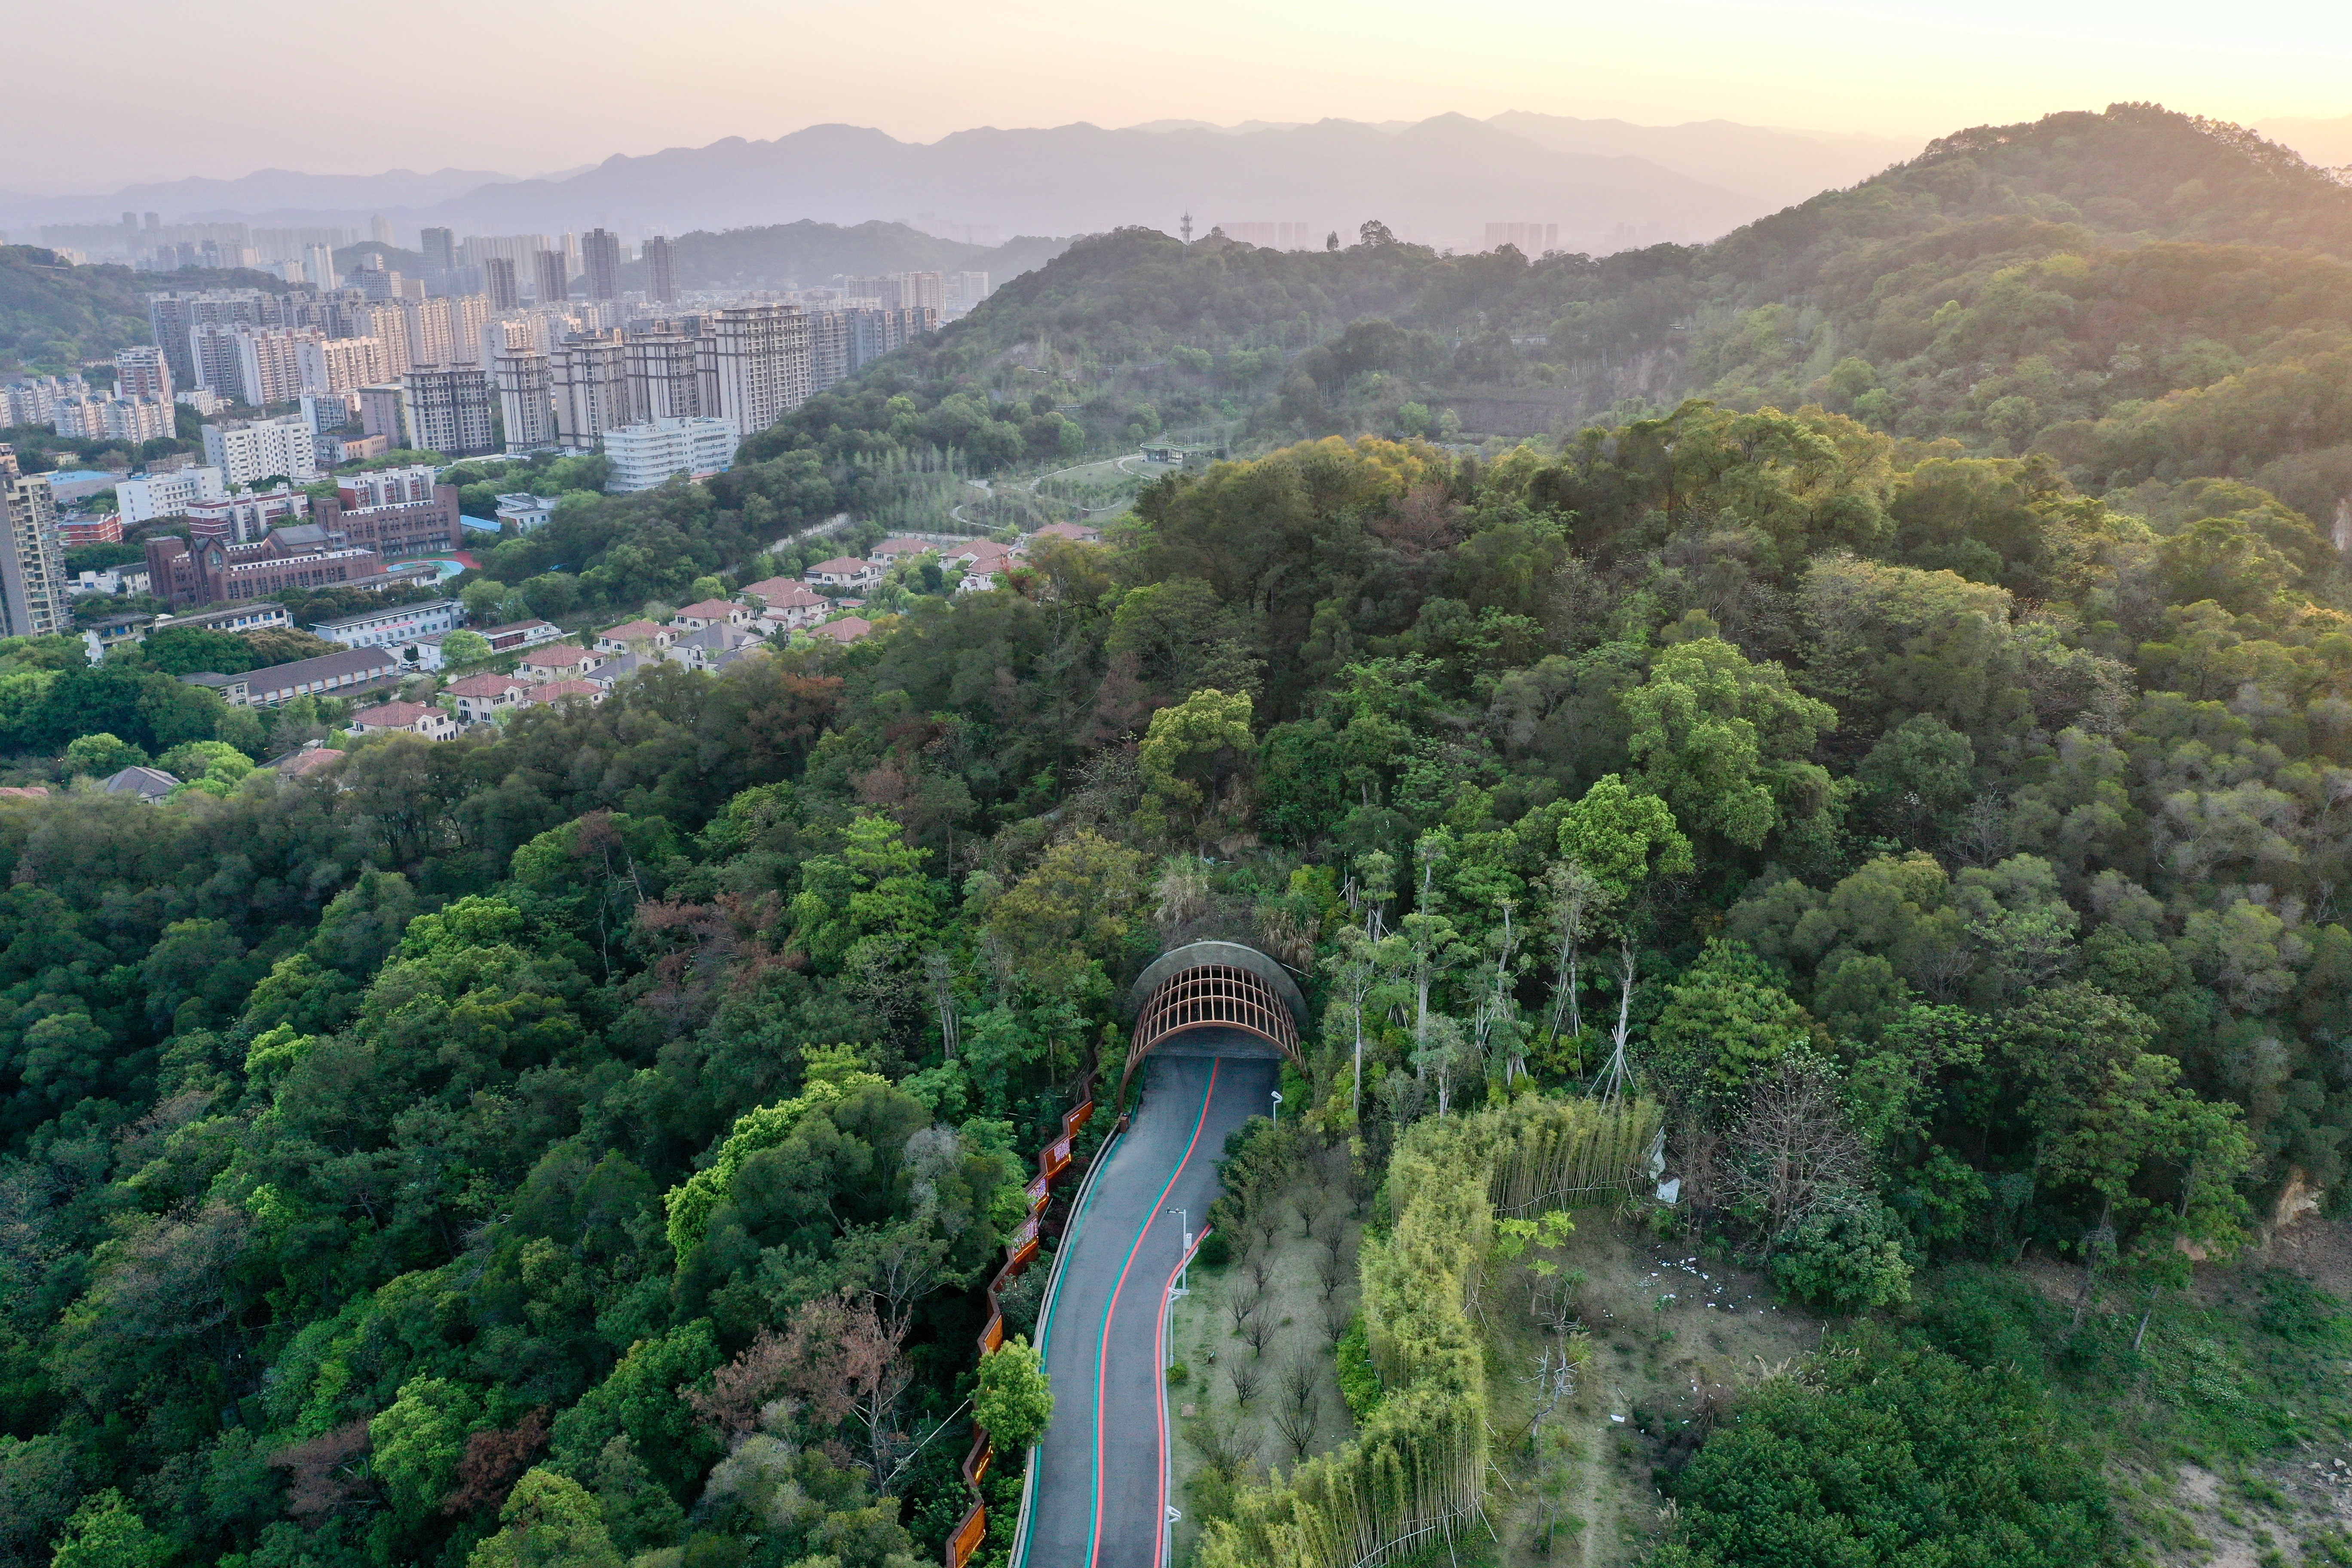 福州:逛福山郊野公园 赏森林城市美景